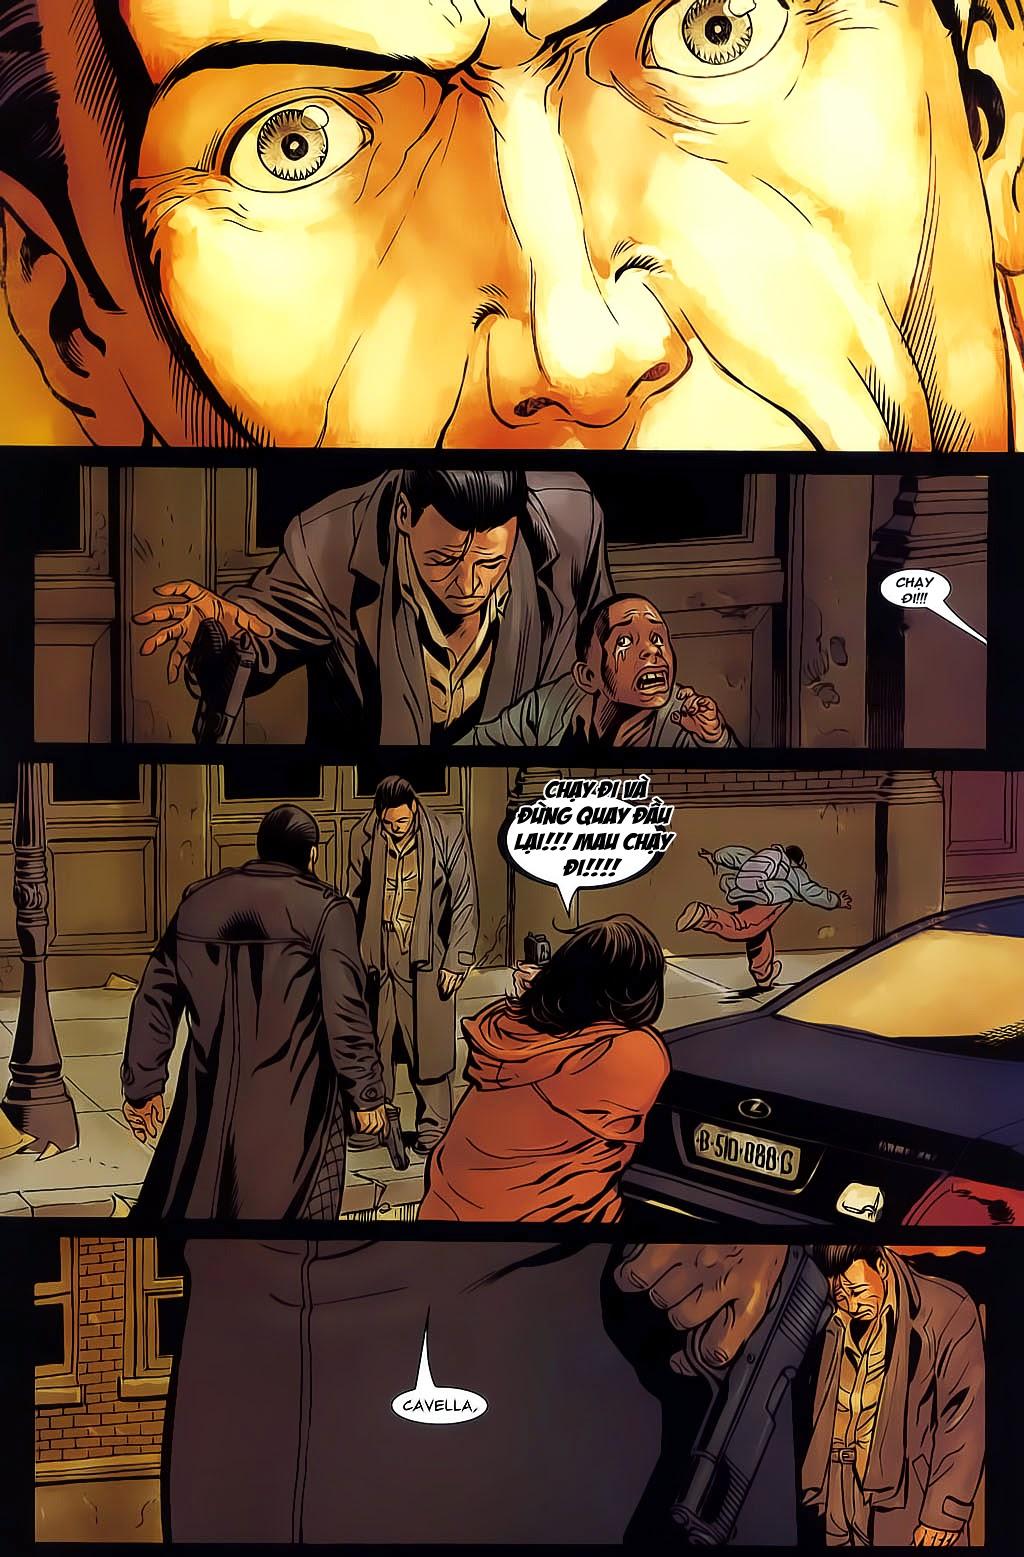 The Punisher: Trên là Dưới & Trắng là Đen chap 6 - Trang 19